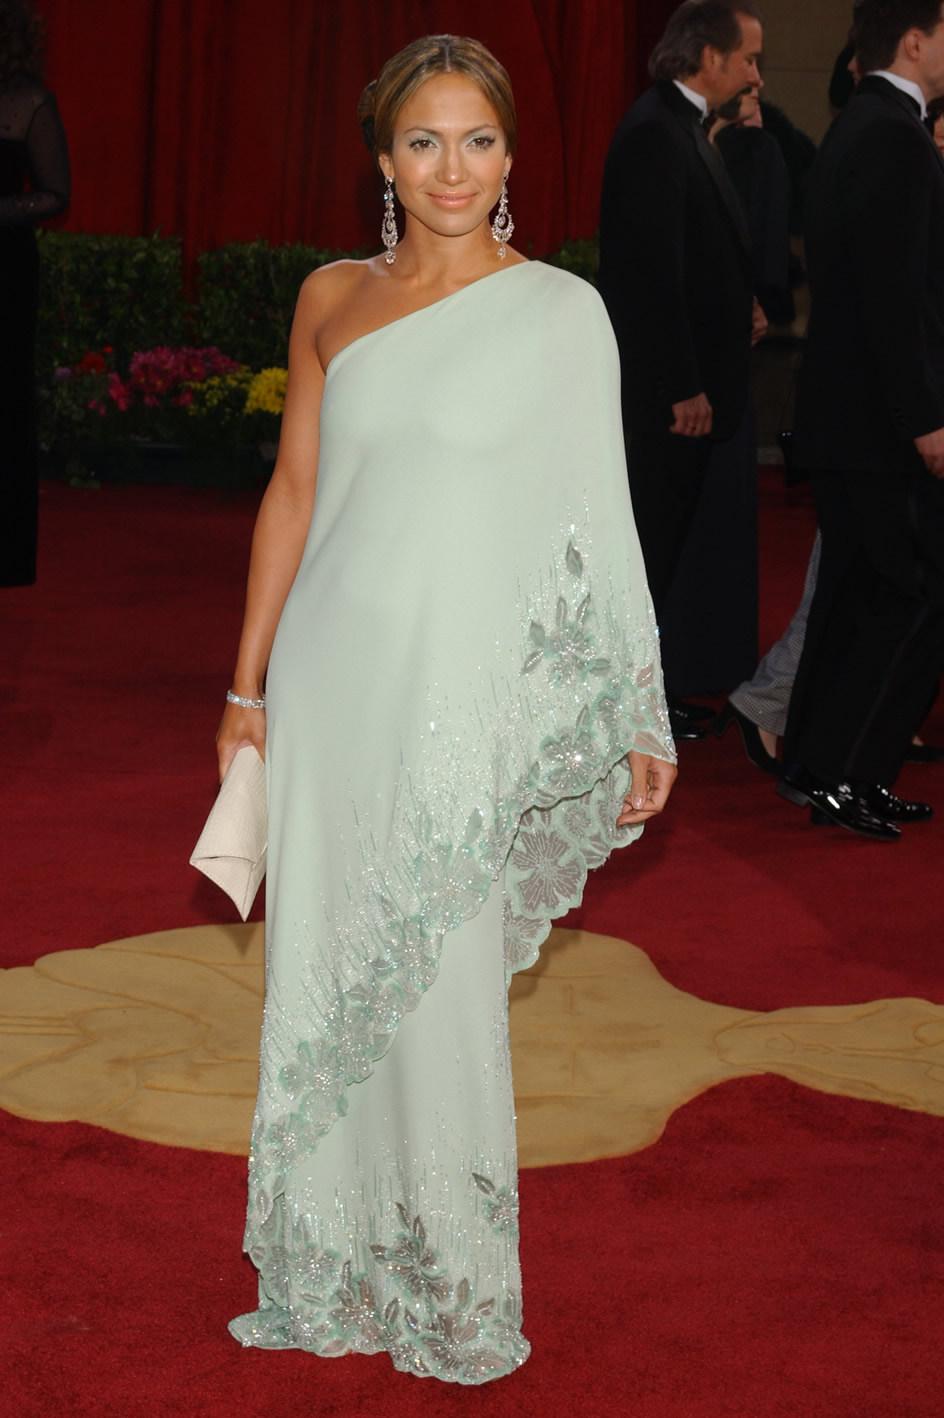 vestido jennifer lopez 2003: